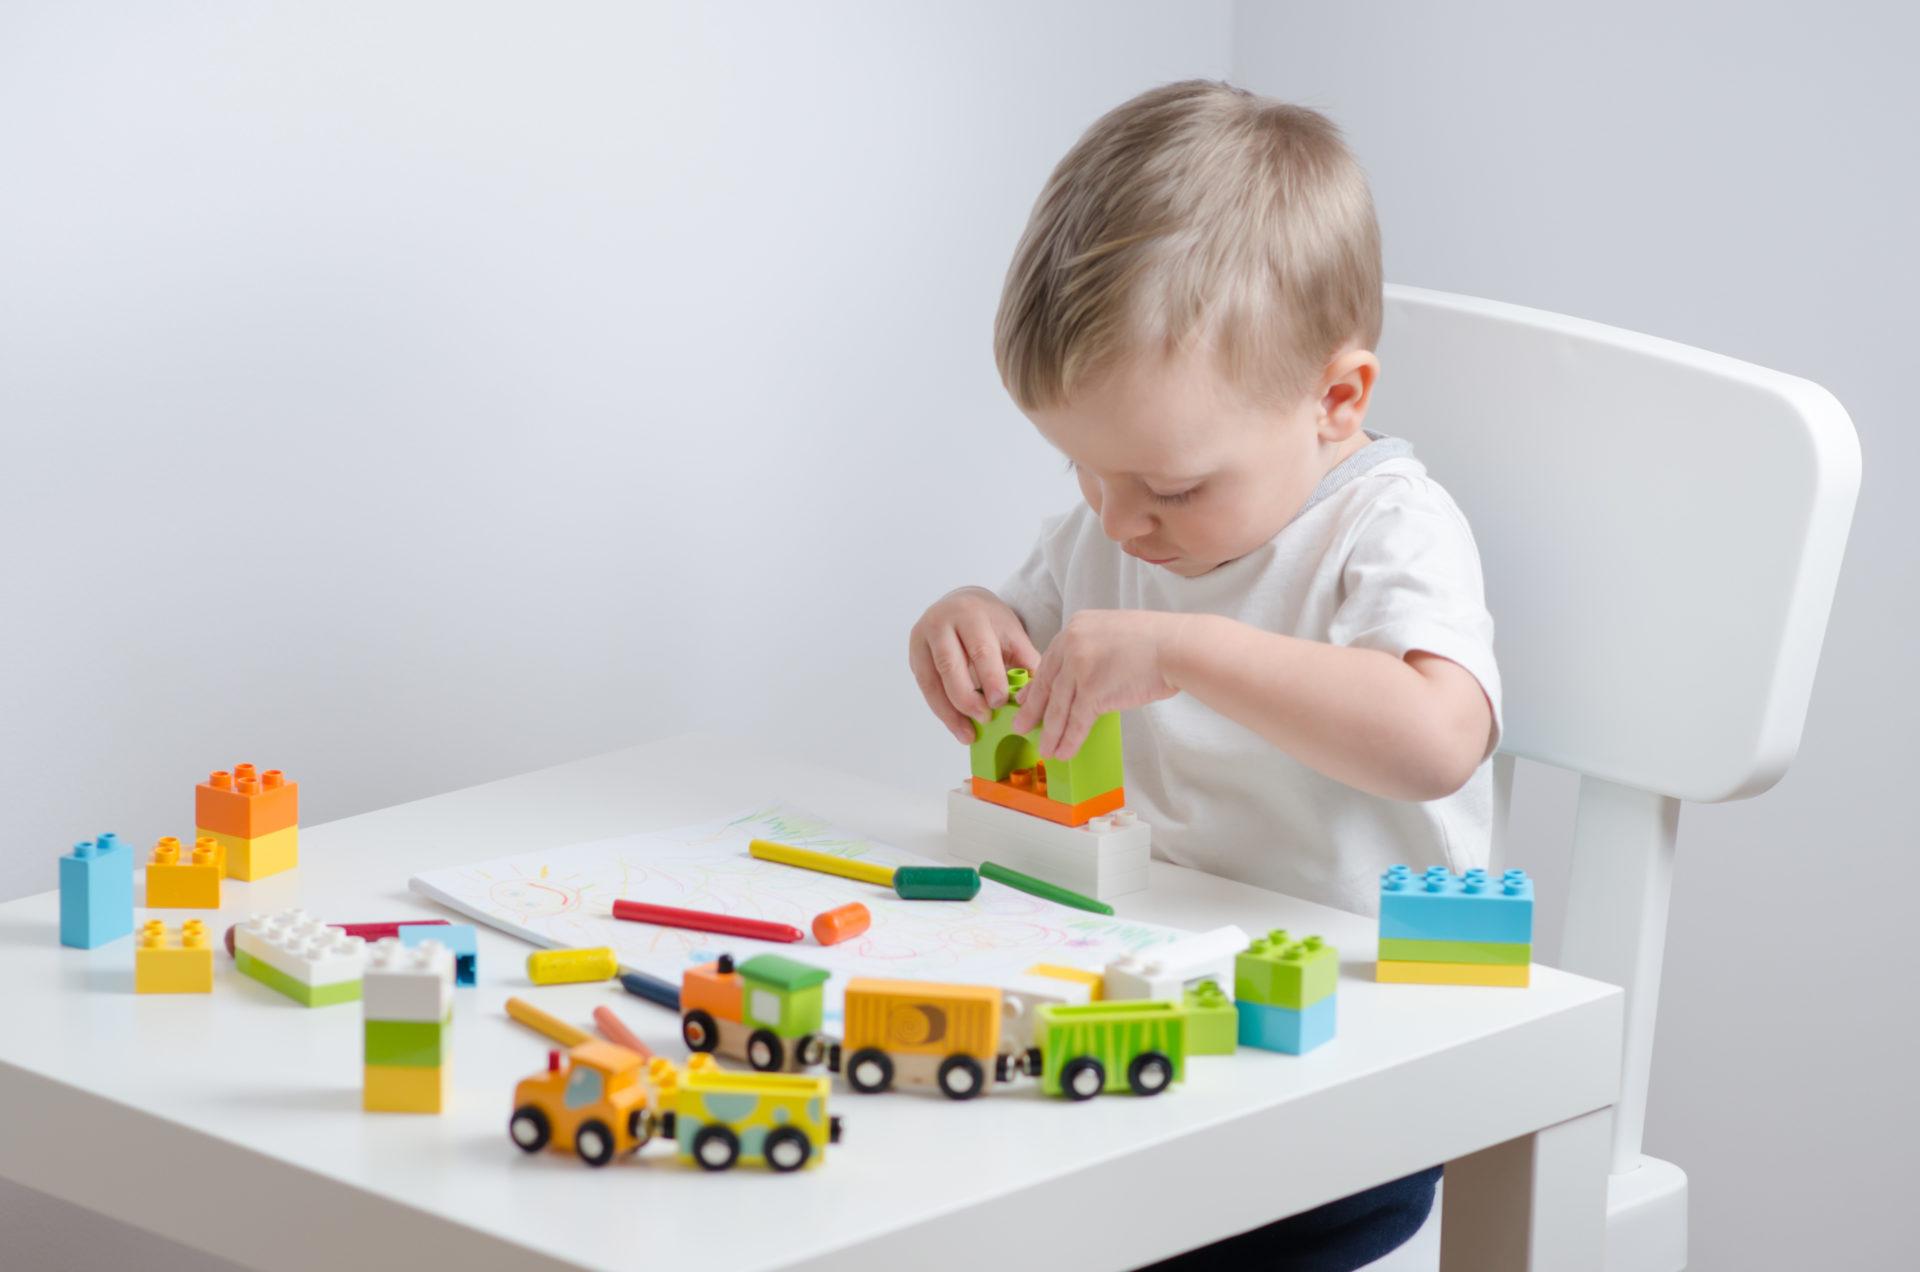 Motricité Jeux Et Jouets, Idées Cadeaux Pour Enfant De 12 tout Jeux Gratuit Pour Bebe